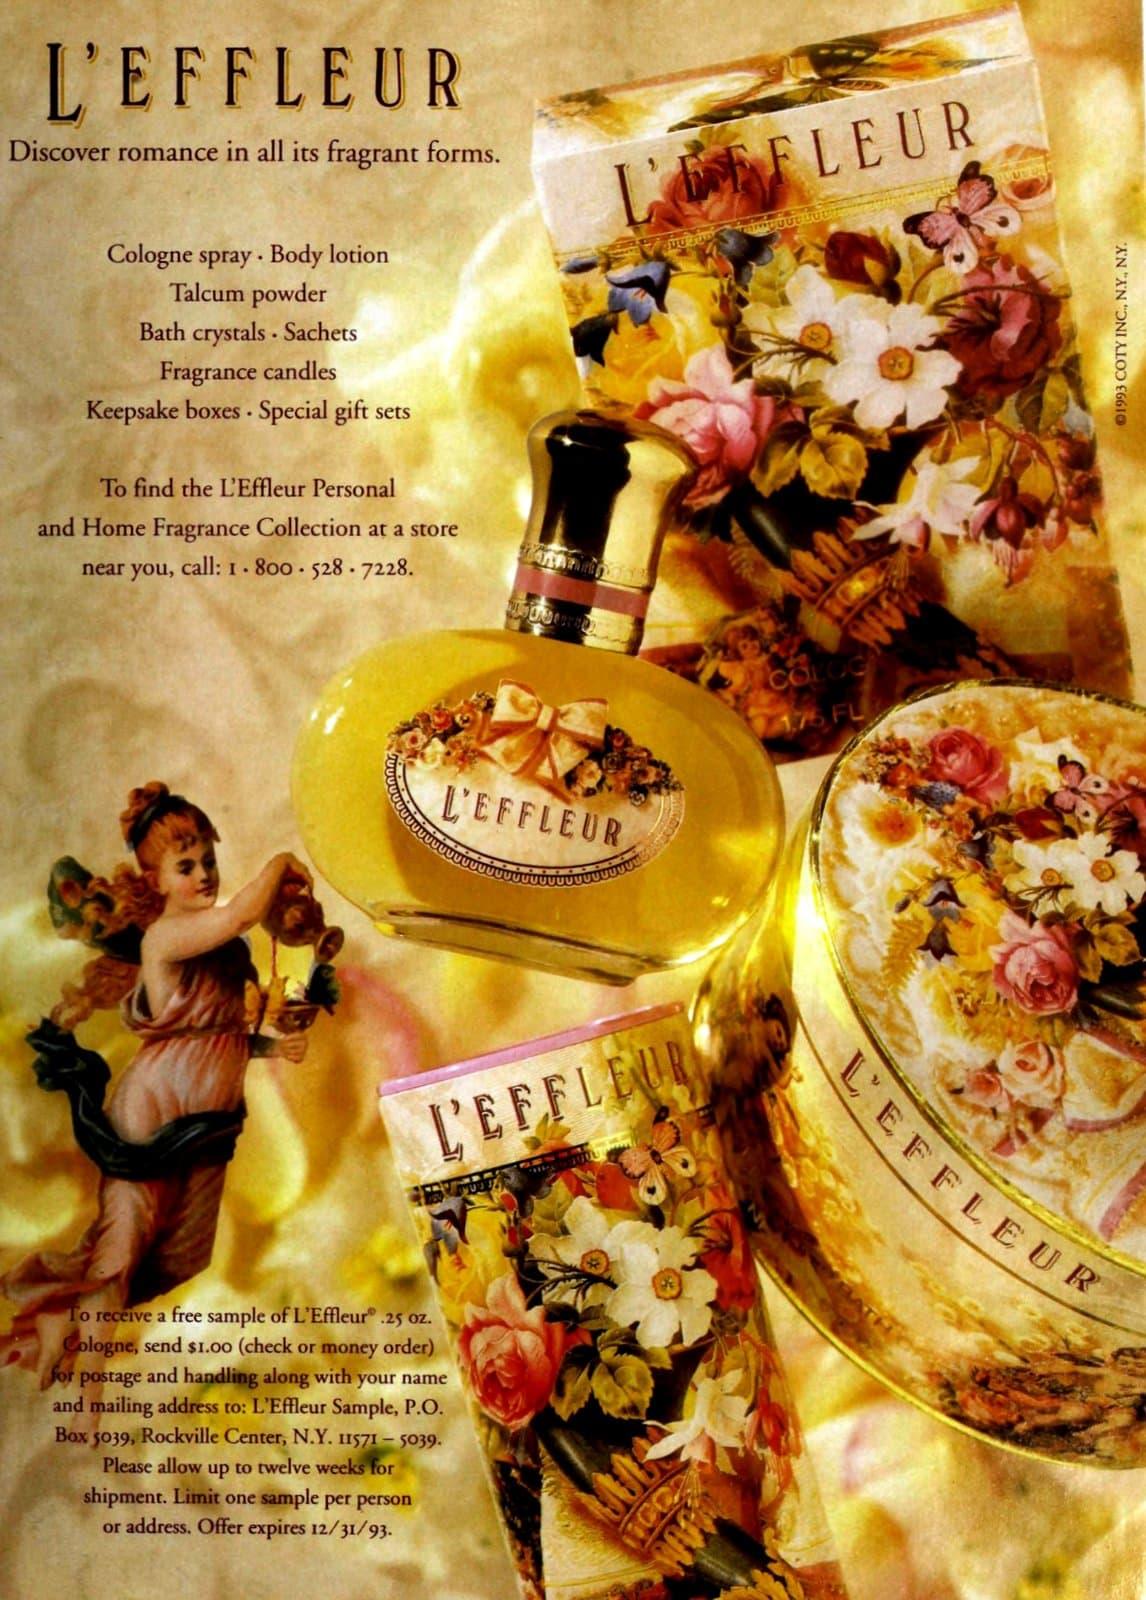 L'Effleur fragrance collection (1993) at ClickAmericana.com